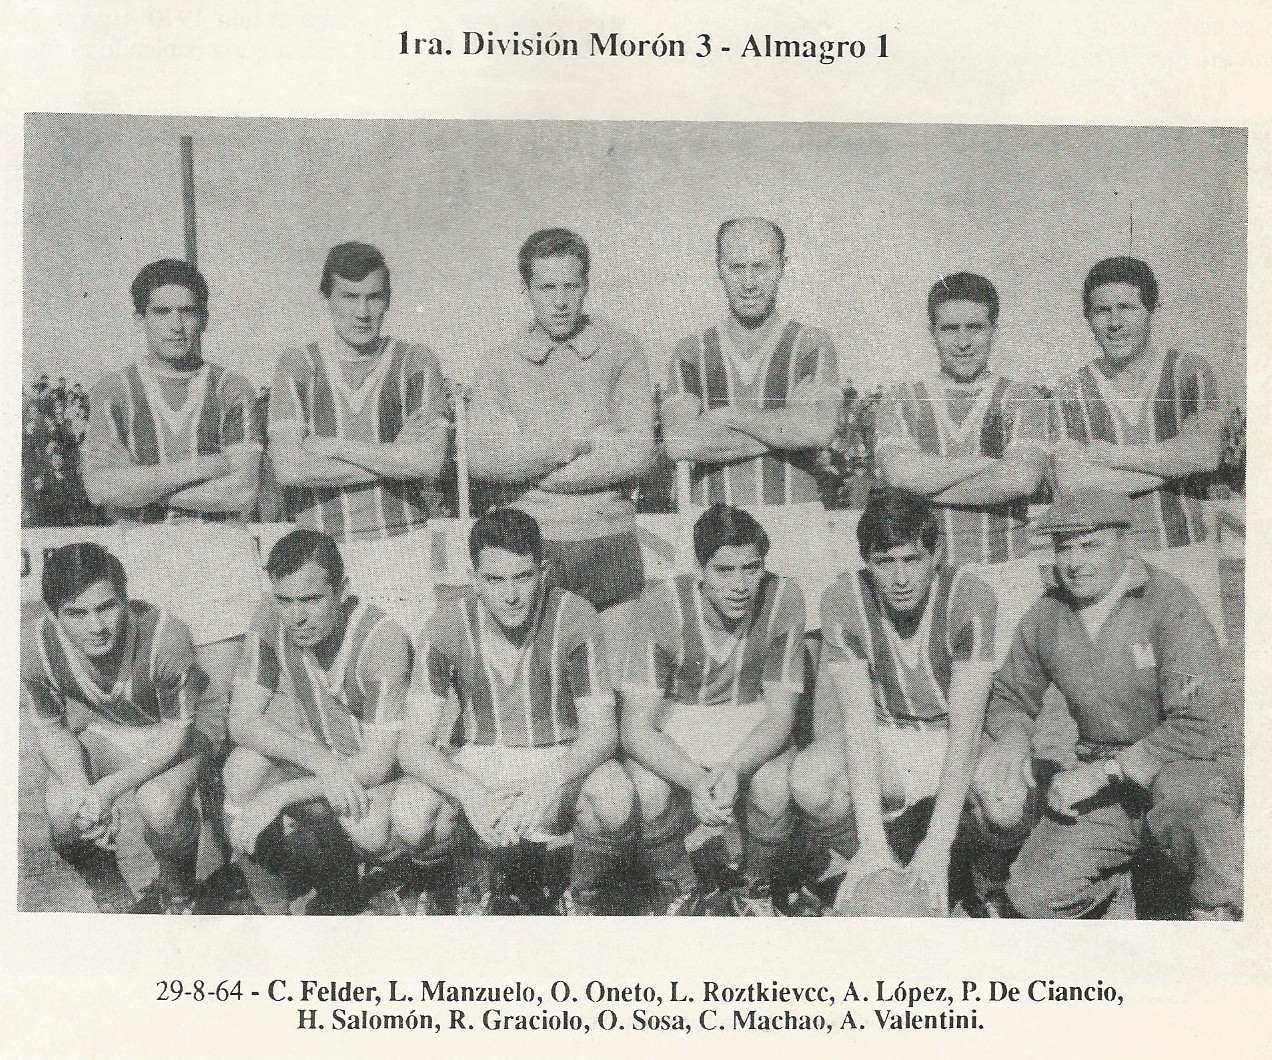 1964 - moron vs almagro